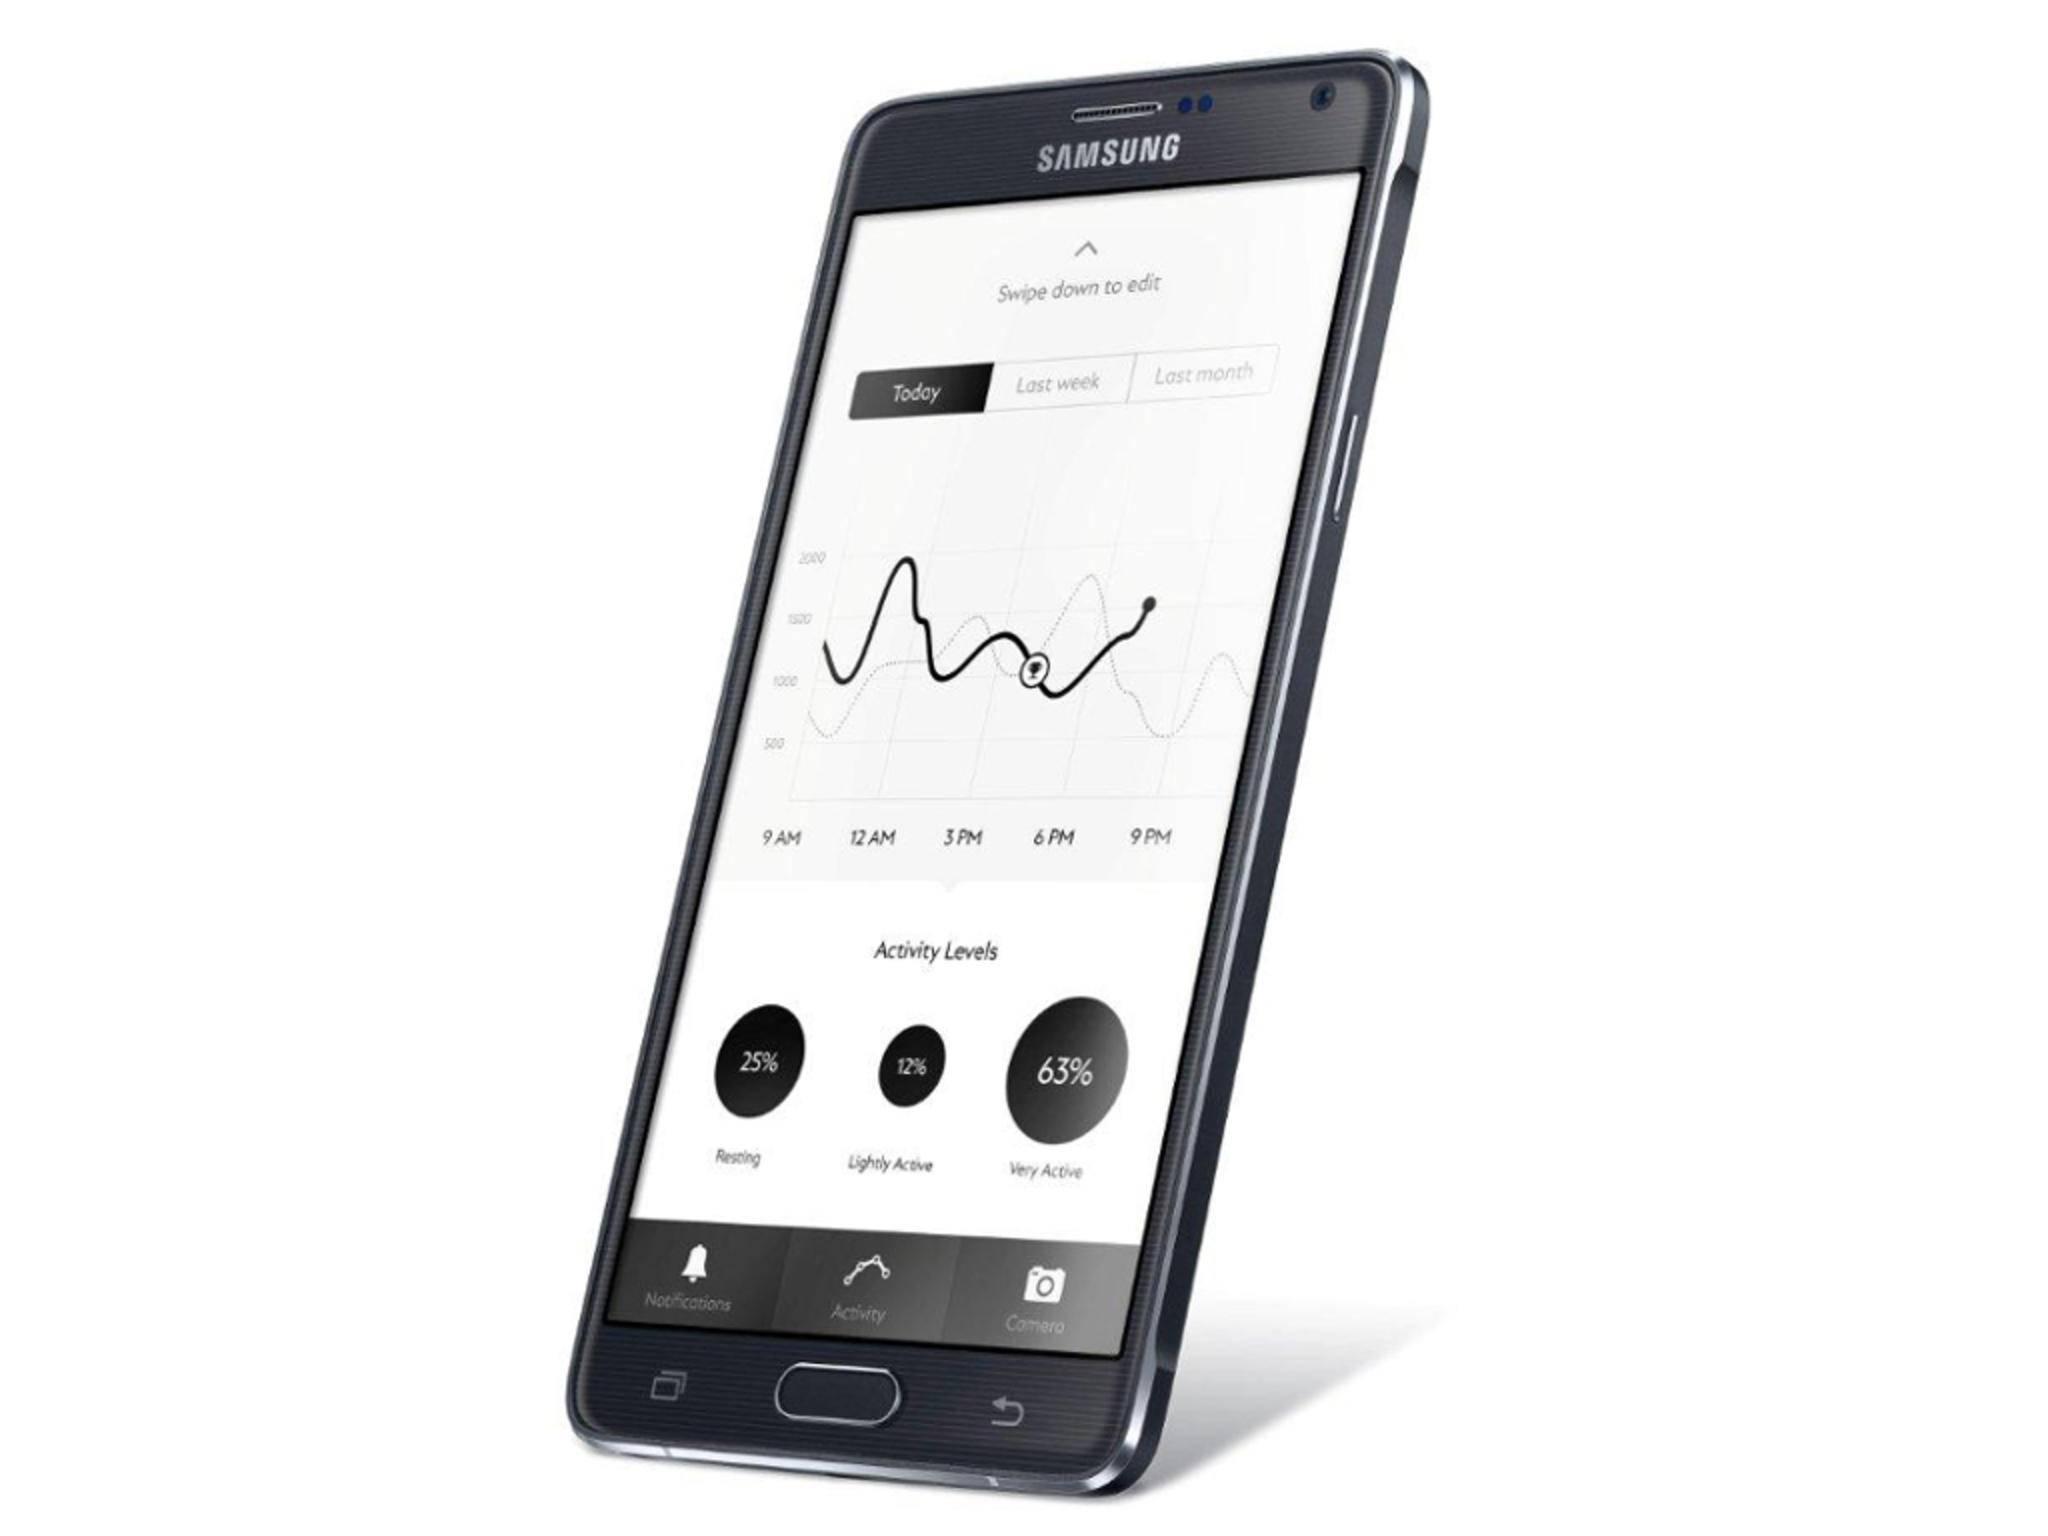 Mit einer Smartphone-App können Aktivitäten überwacht werden.